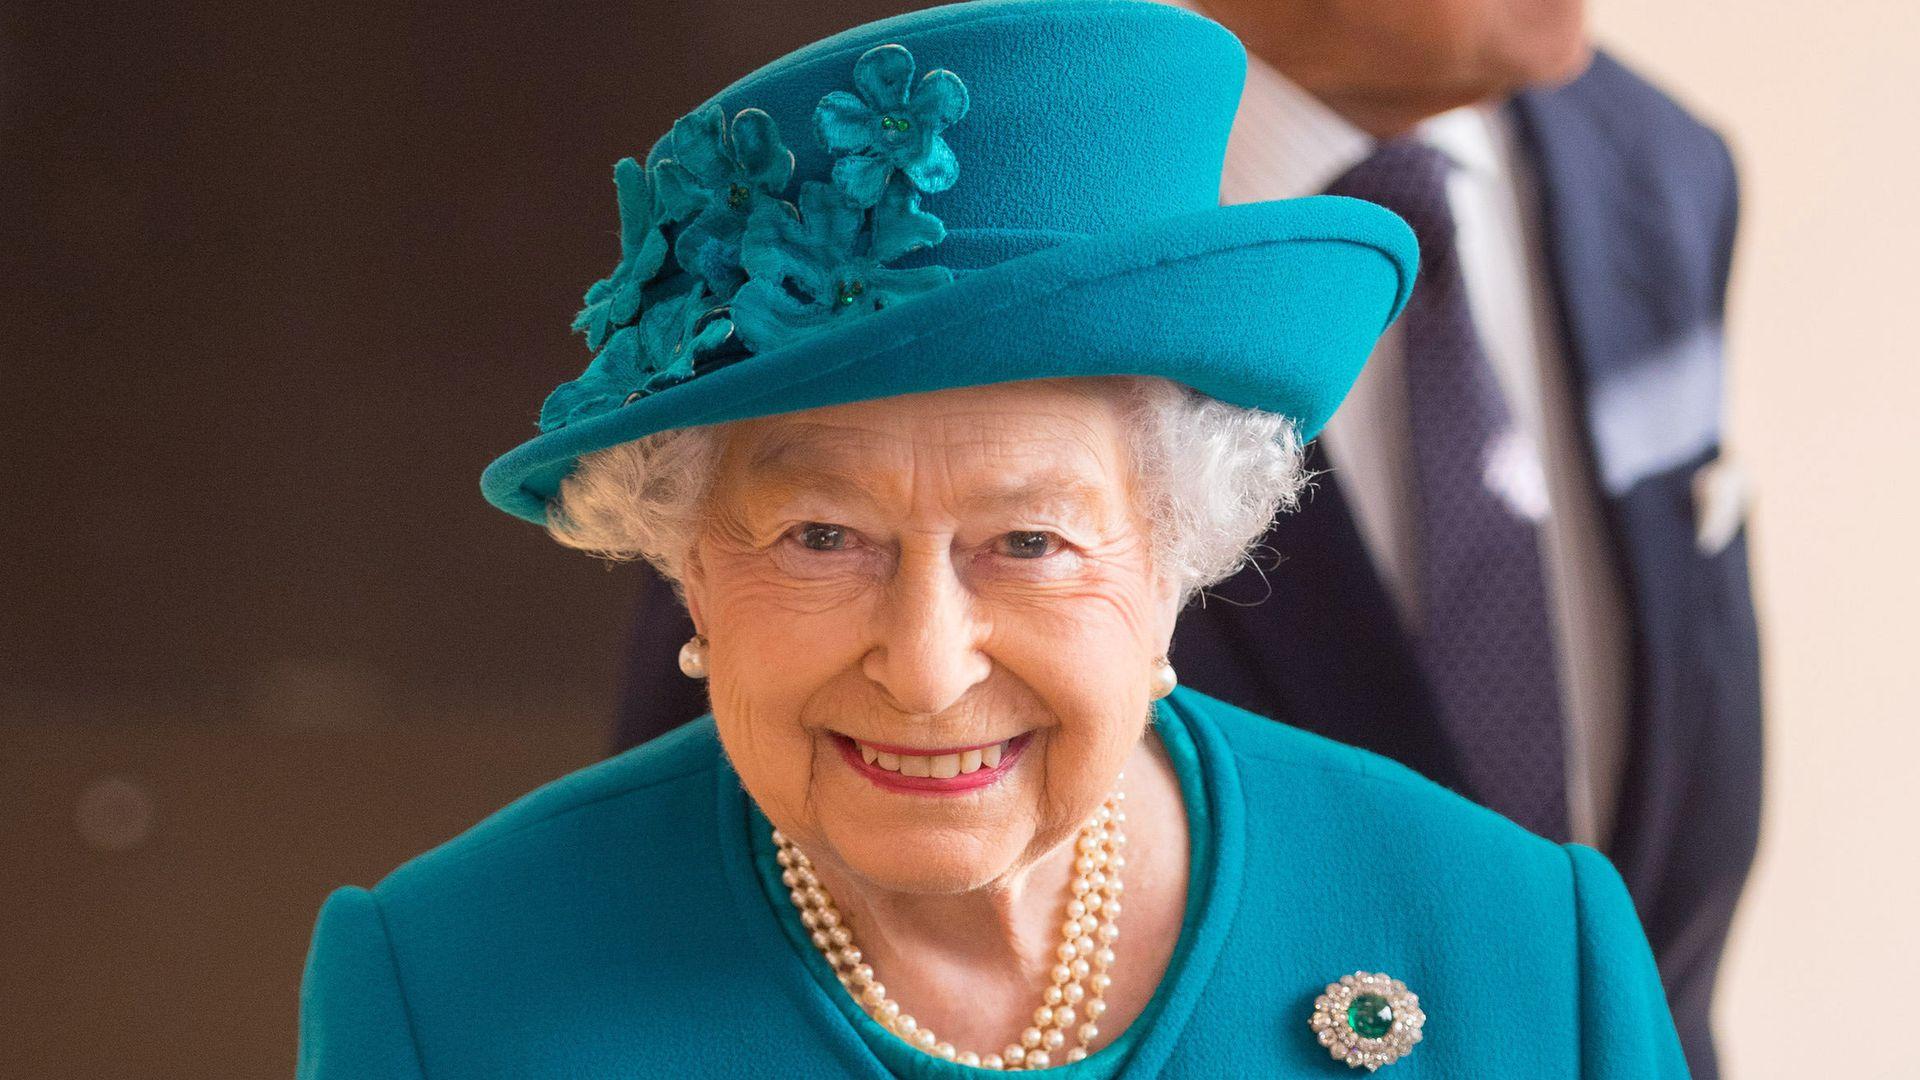 wer h tte das gedacht die queen rei t einen trump witz. Black Bedroom Furniture Sets. Home Design Ideas